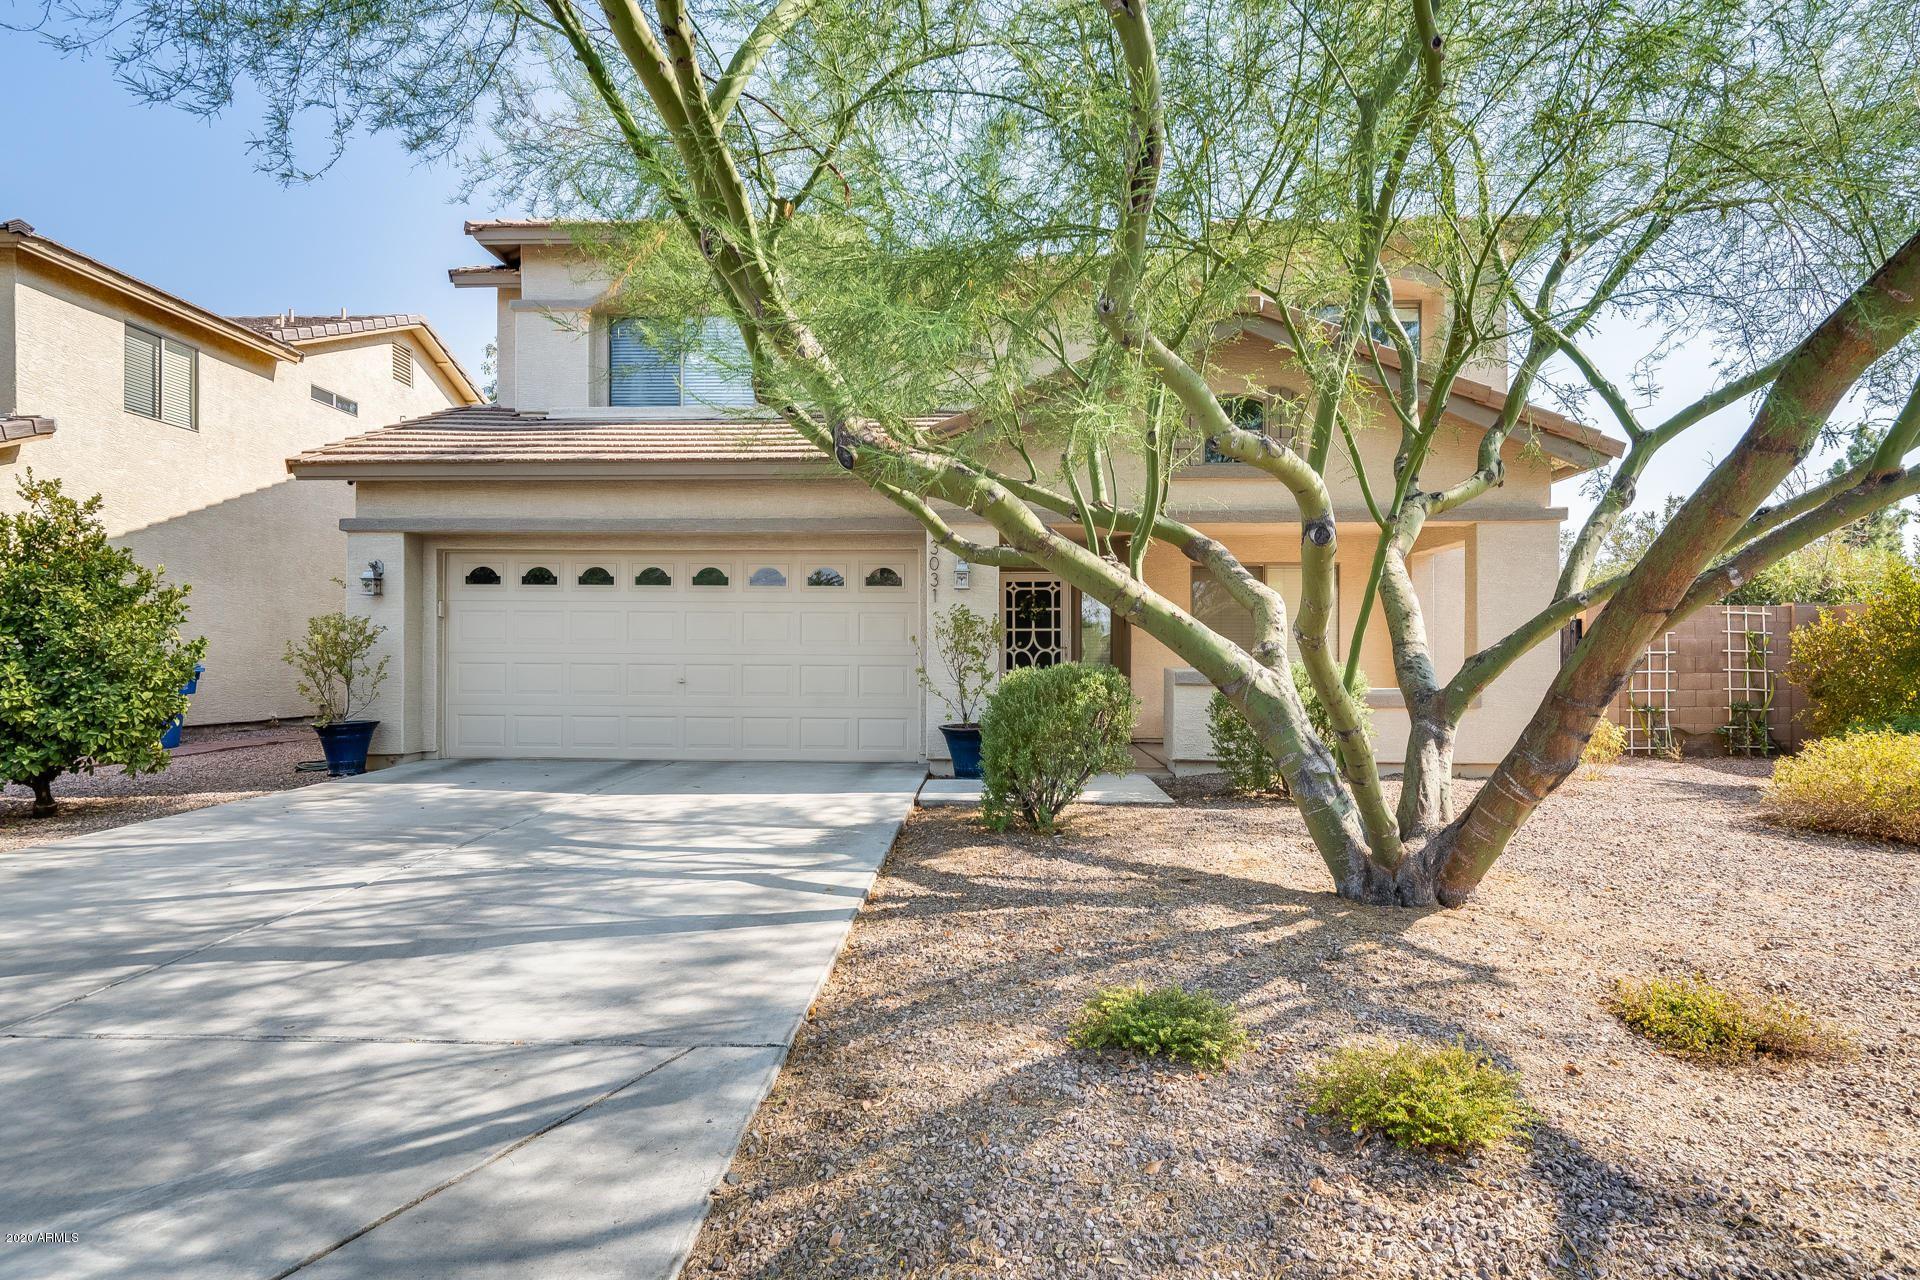 3031 W WINTER Drive, Phoenix, AZ 85051 - MLS#: 6130195